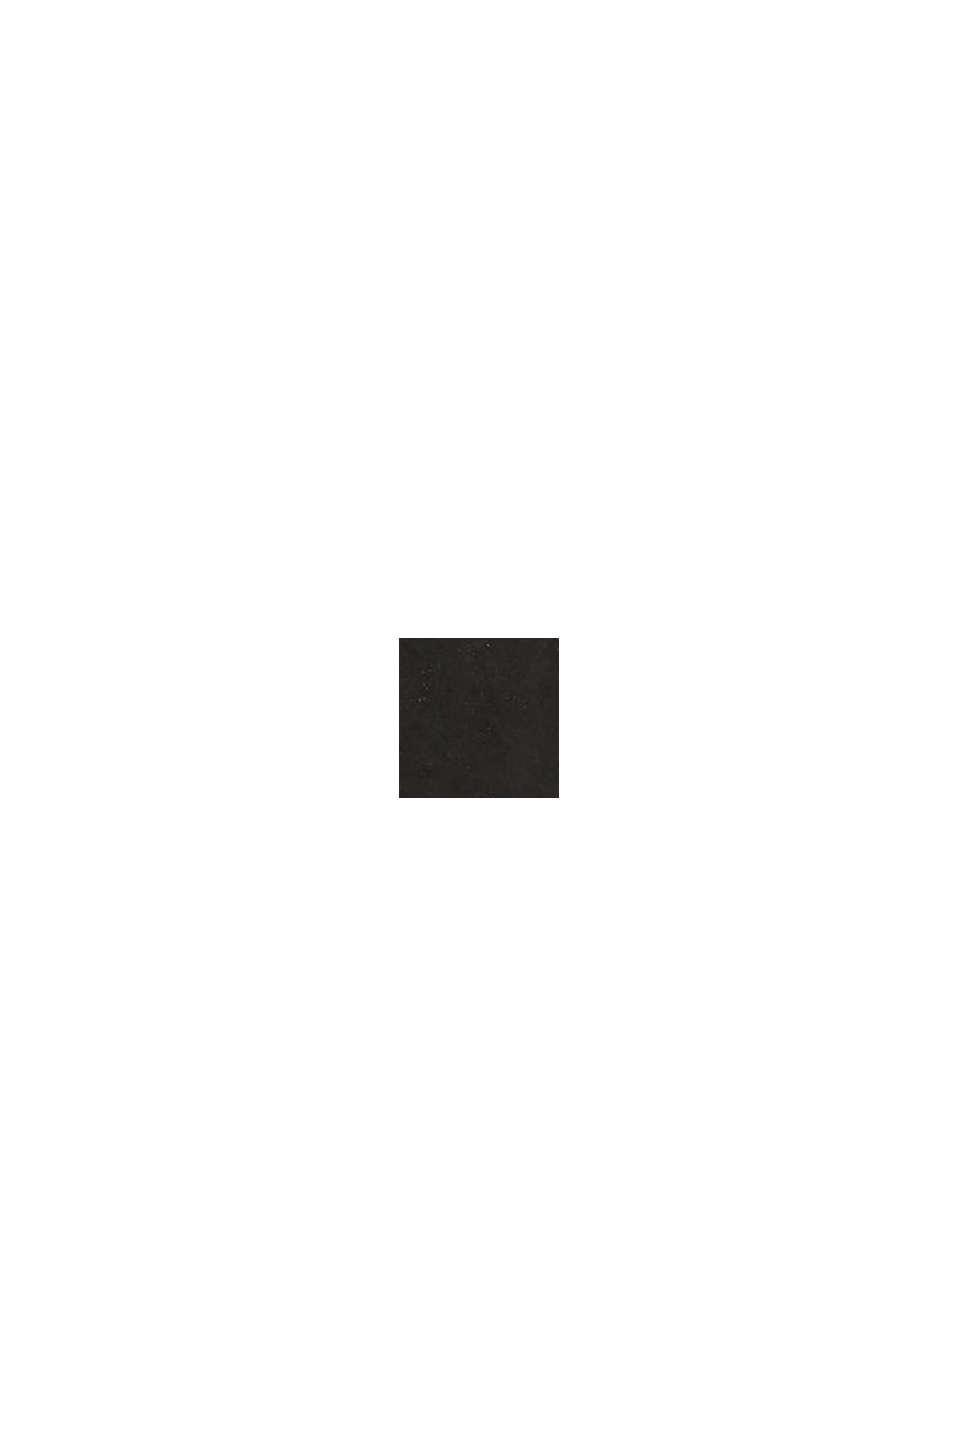 En daim: la ceinture basique, BLACK, swatch